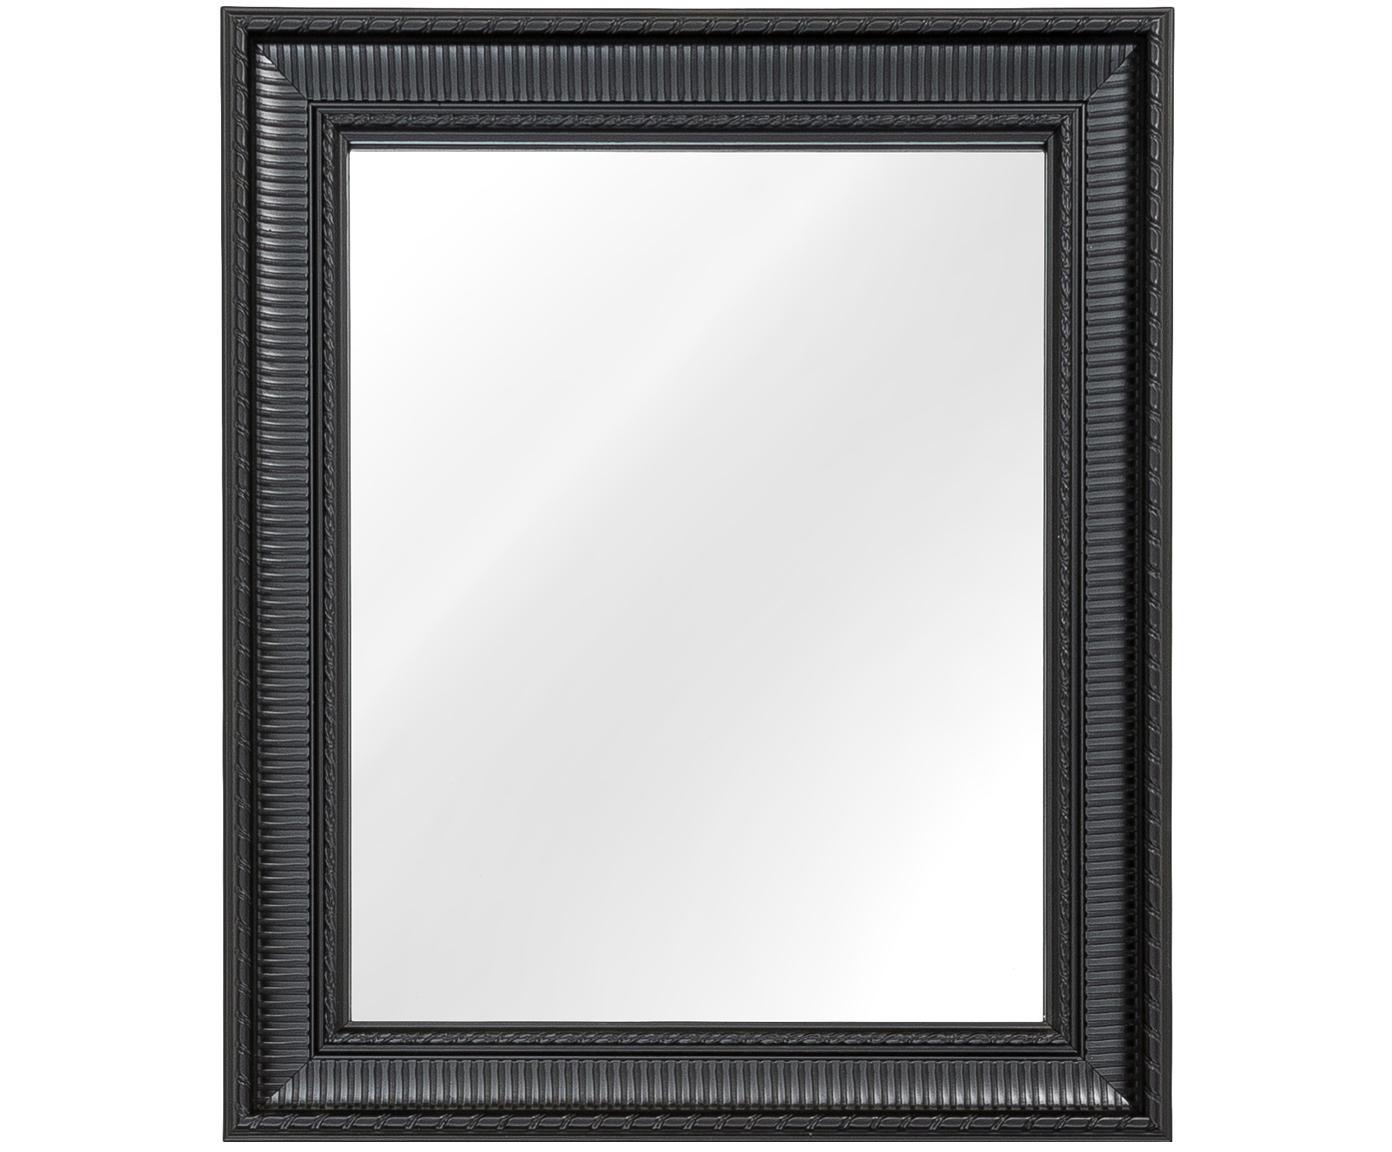 Rechthoekige wandspiegel Paris met zwarte lijst, Frame: polyurethaan, Frame: zwart. Spiegelvlak: spiegelglas, 52 x 62 cm